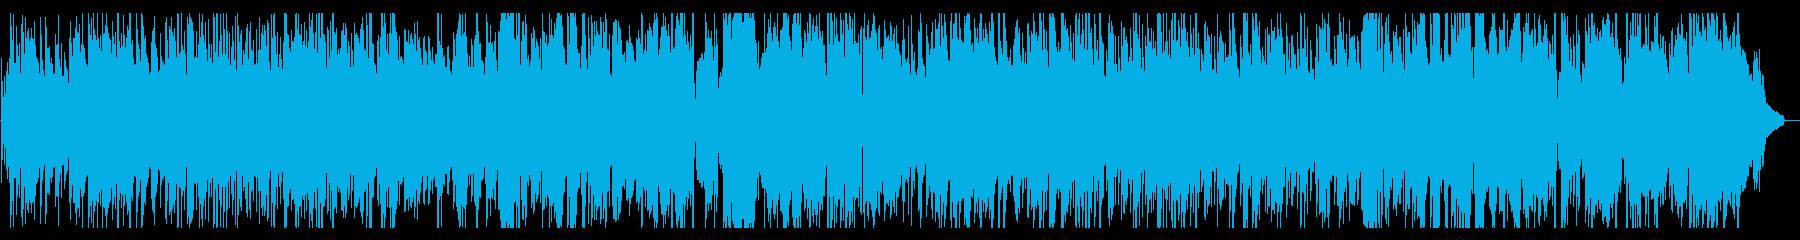 ピアノトリオによる切なくオシャレなジャズの再生済みの波形